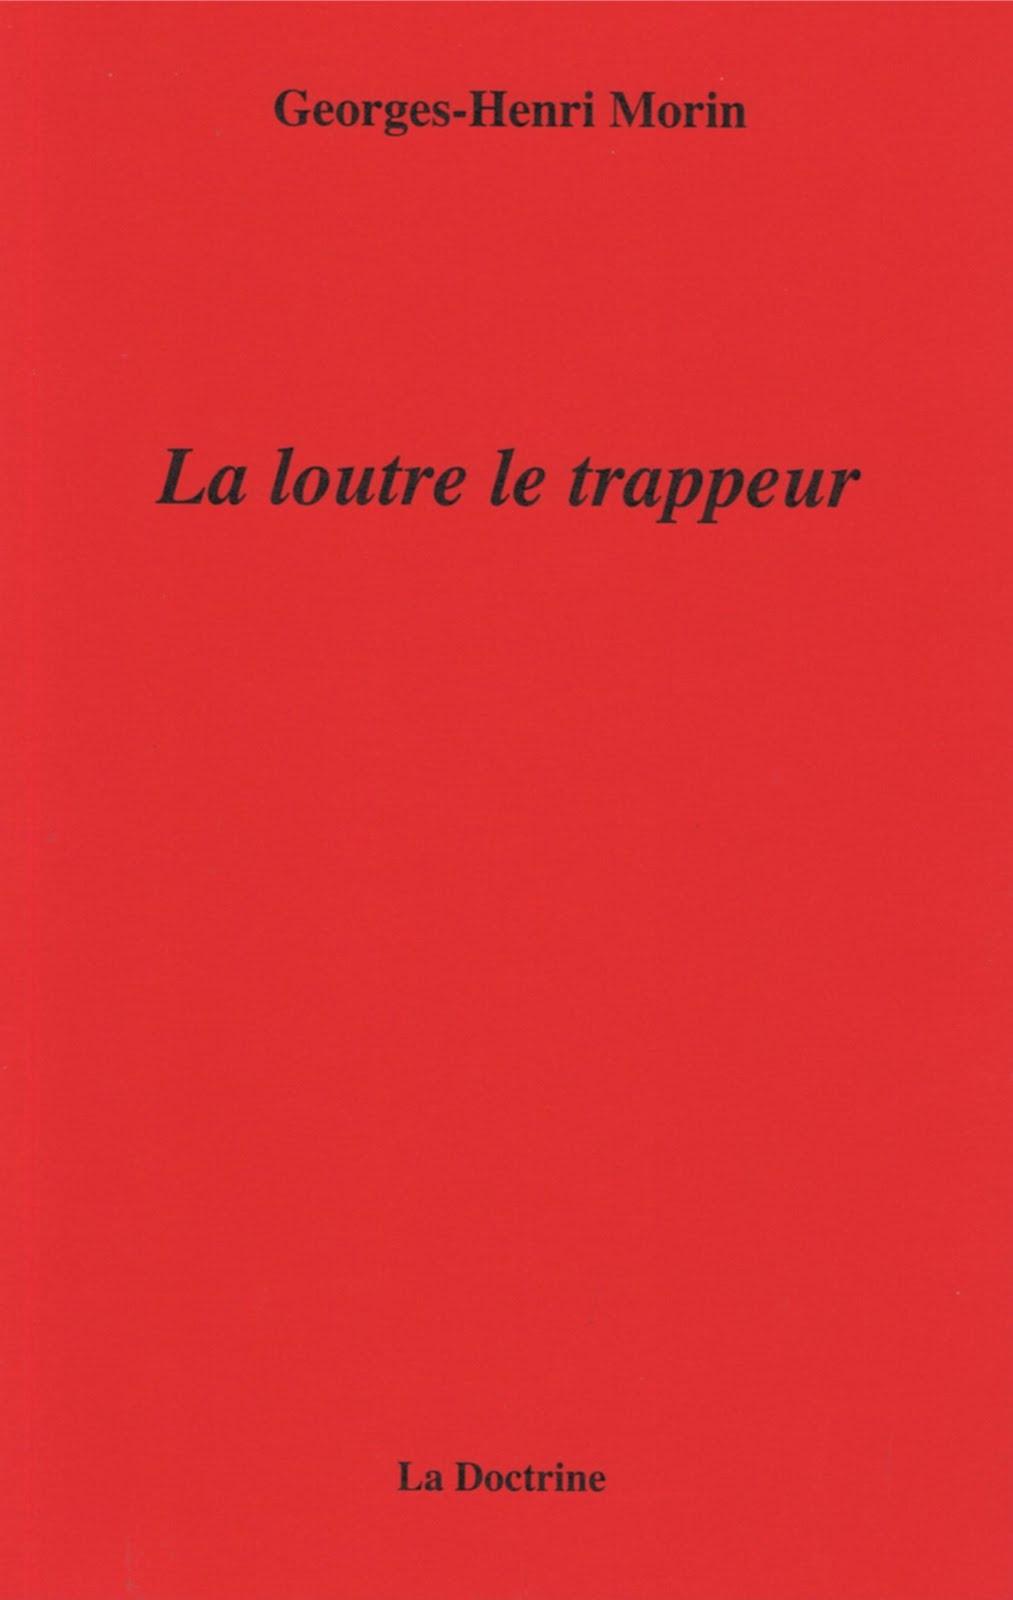 Georges-Henri MORIN, LA LOUTRE LE TRAPPEUR, Éditions La Doctrine, 2016